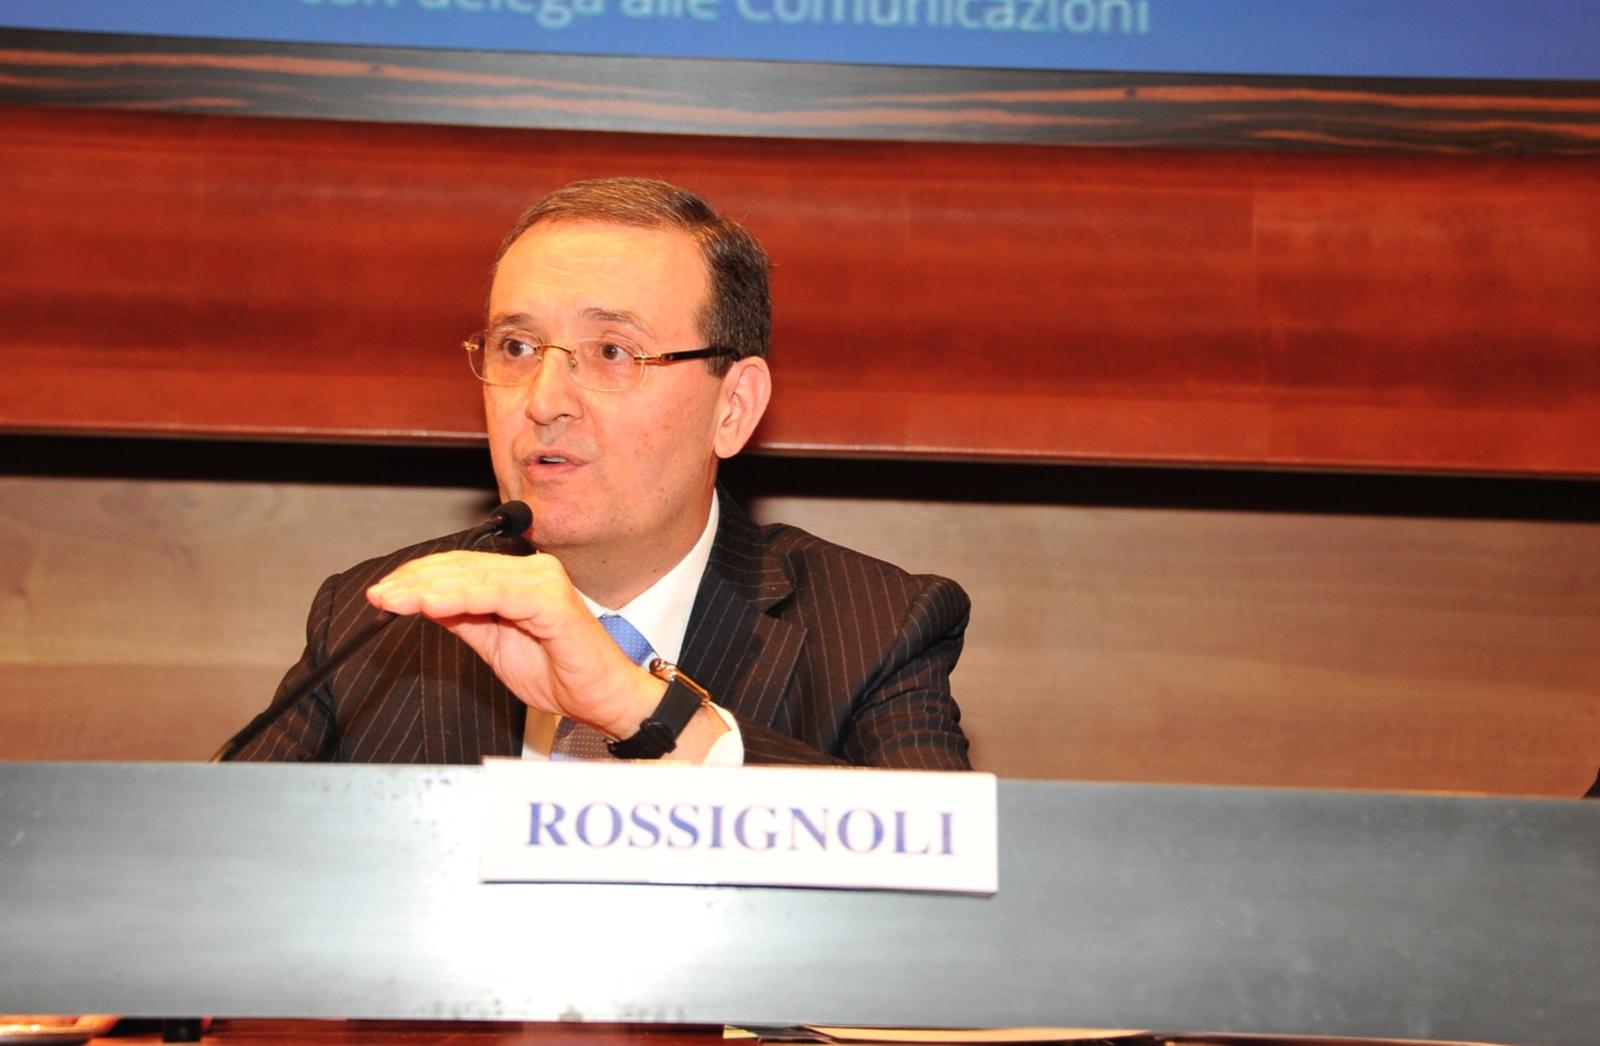 -Marco-Rossignoli Aeranticorallo-IMG 4645